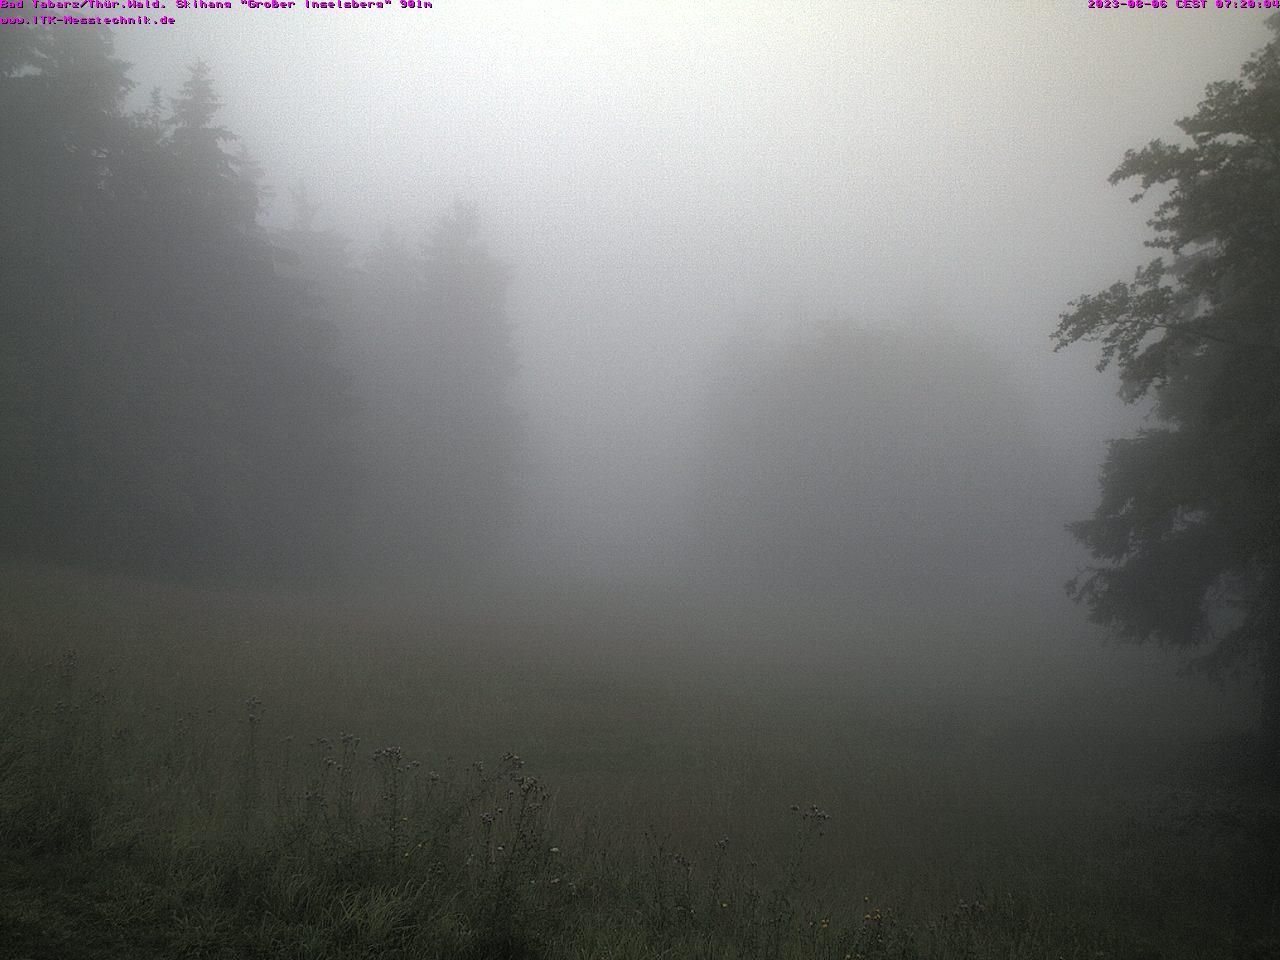 Webcam Skihang Großer Inselsberg